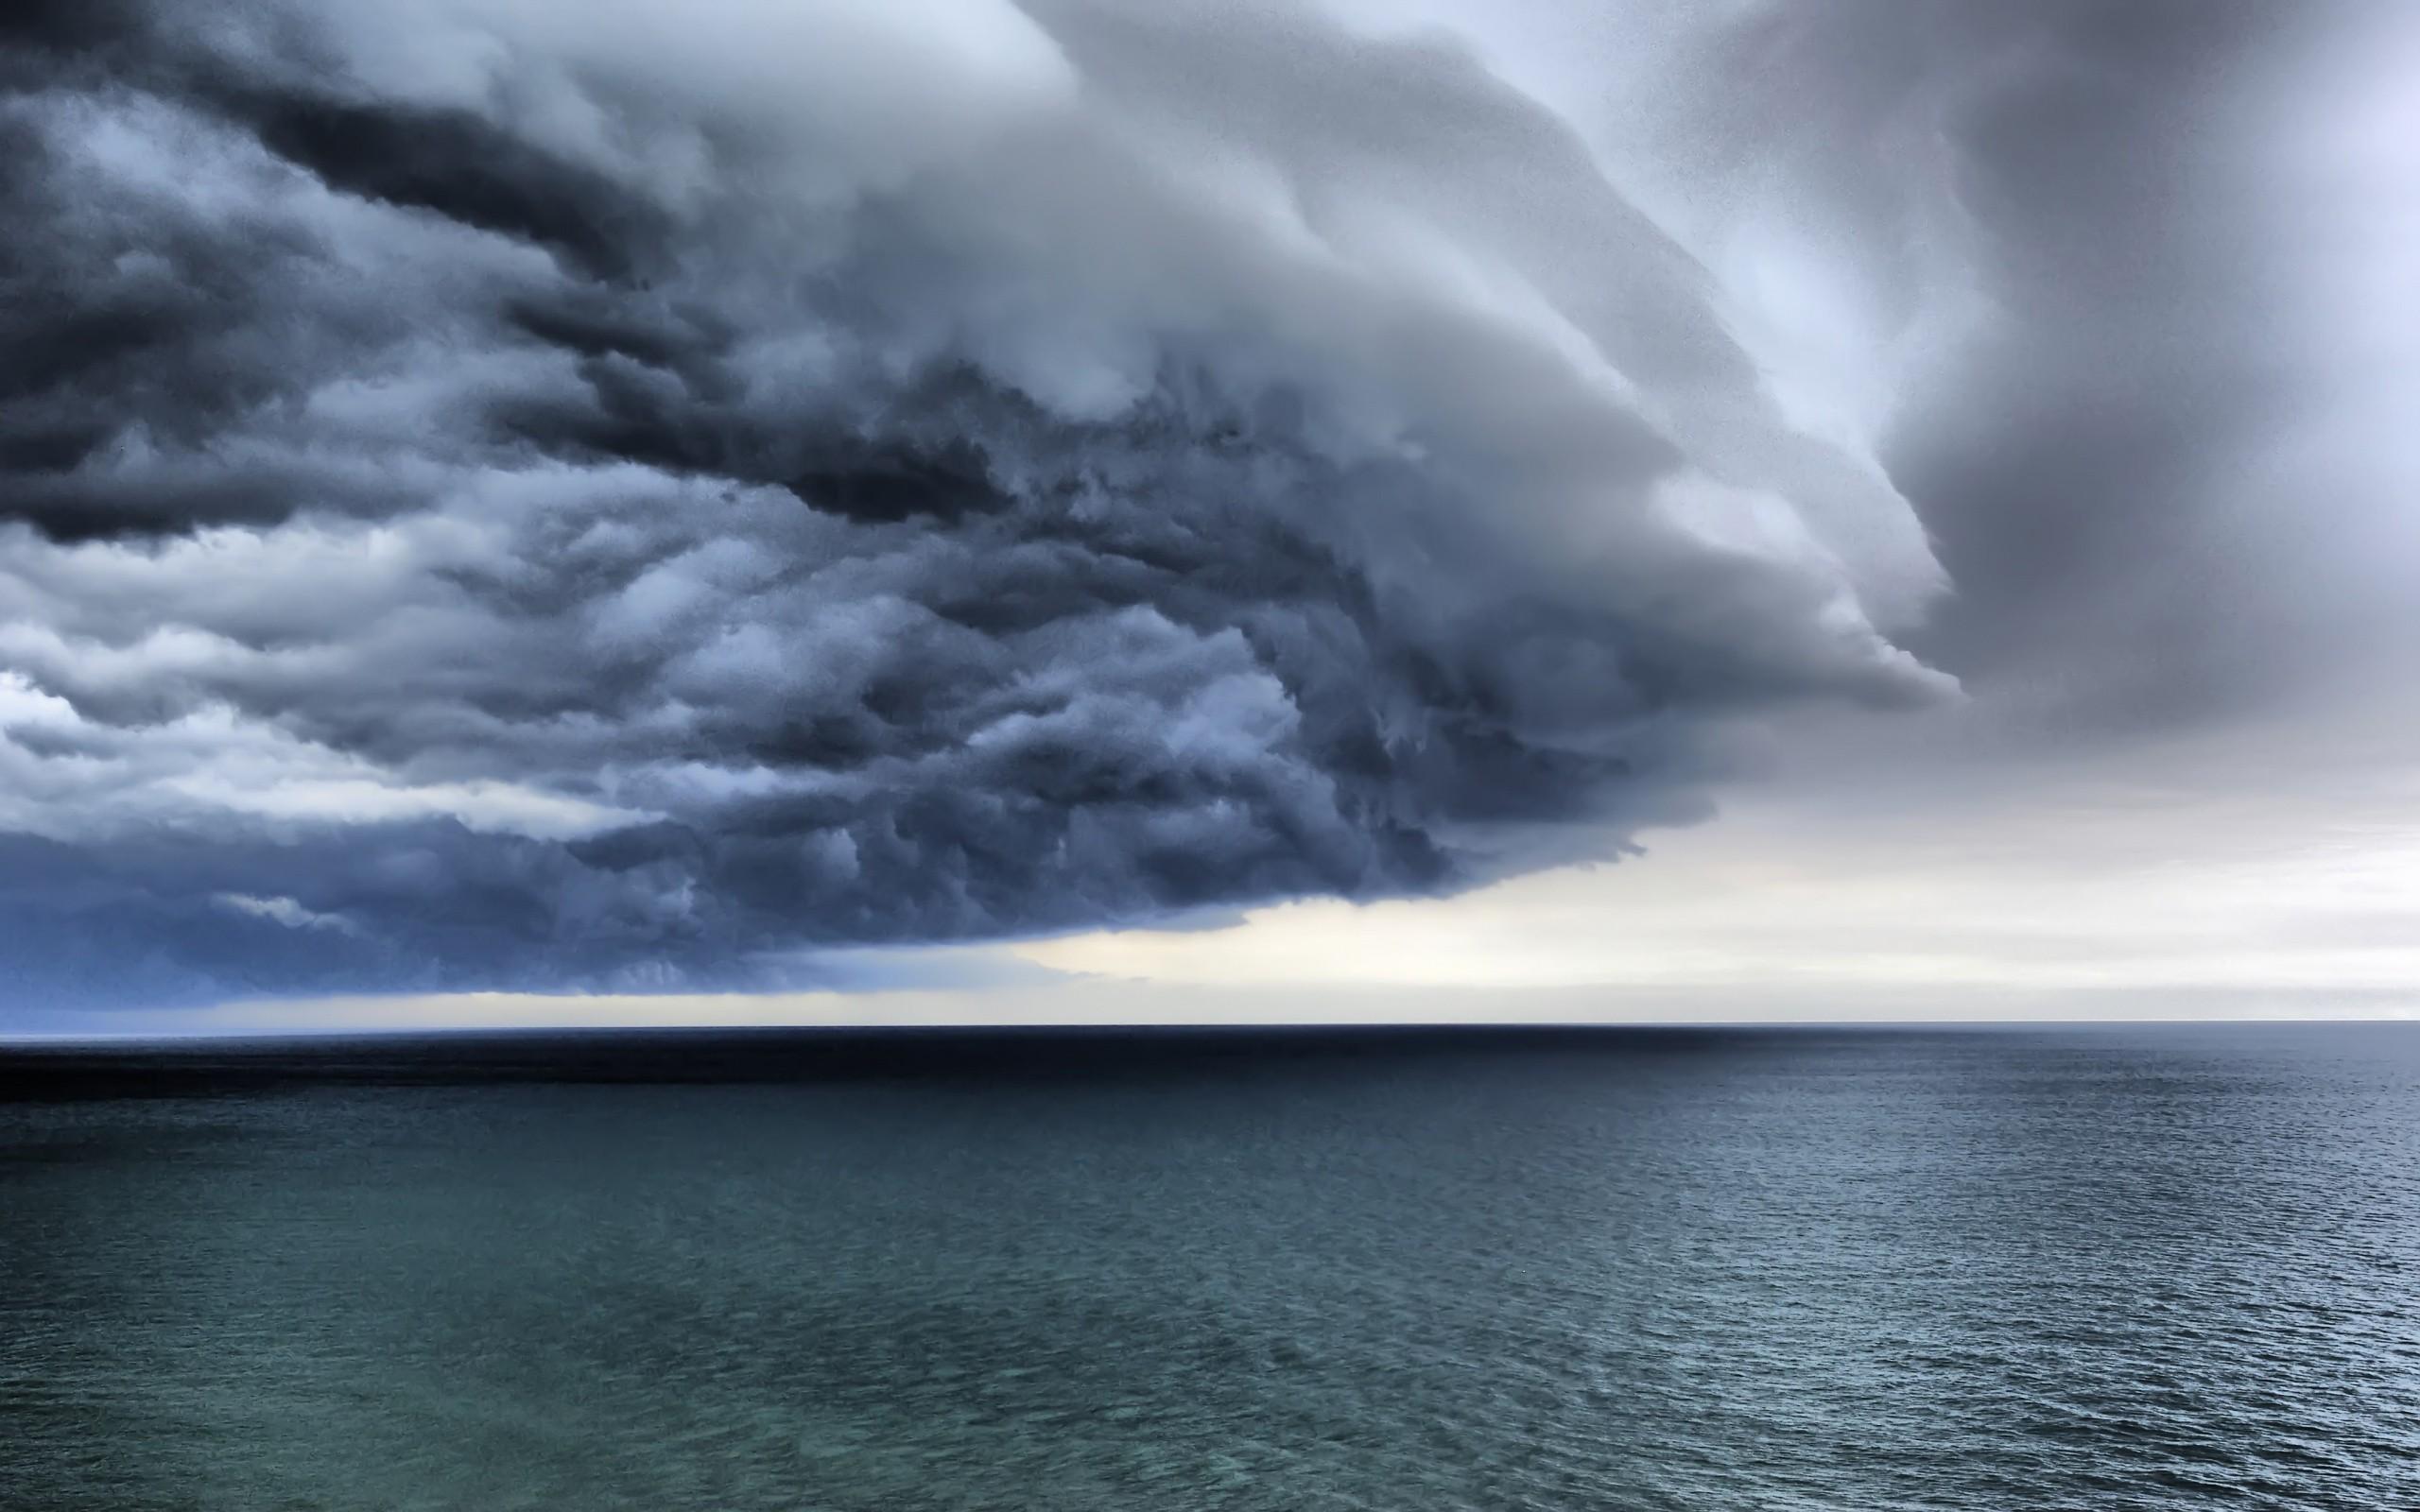 бутылки море с плохой погодой картинка изучает